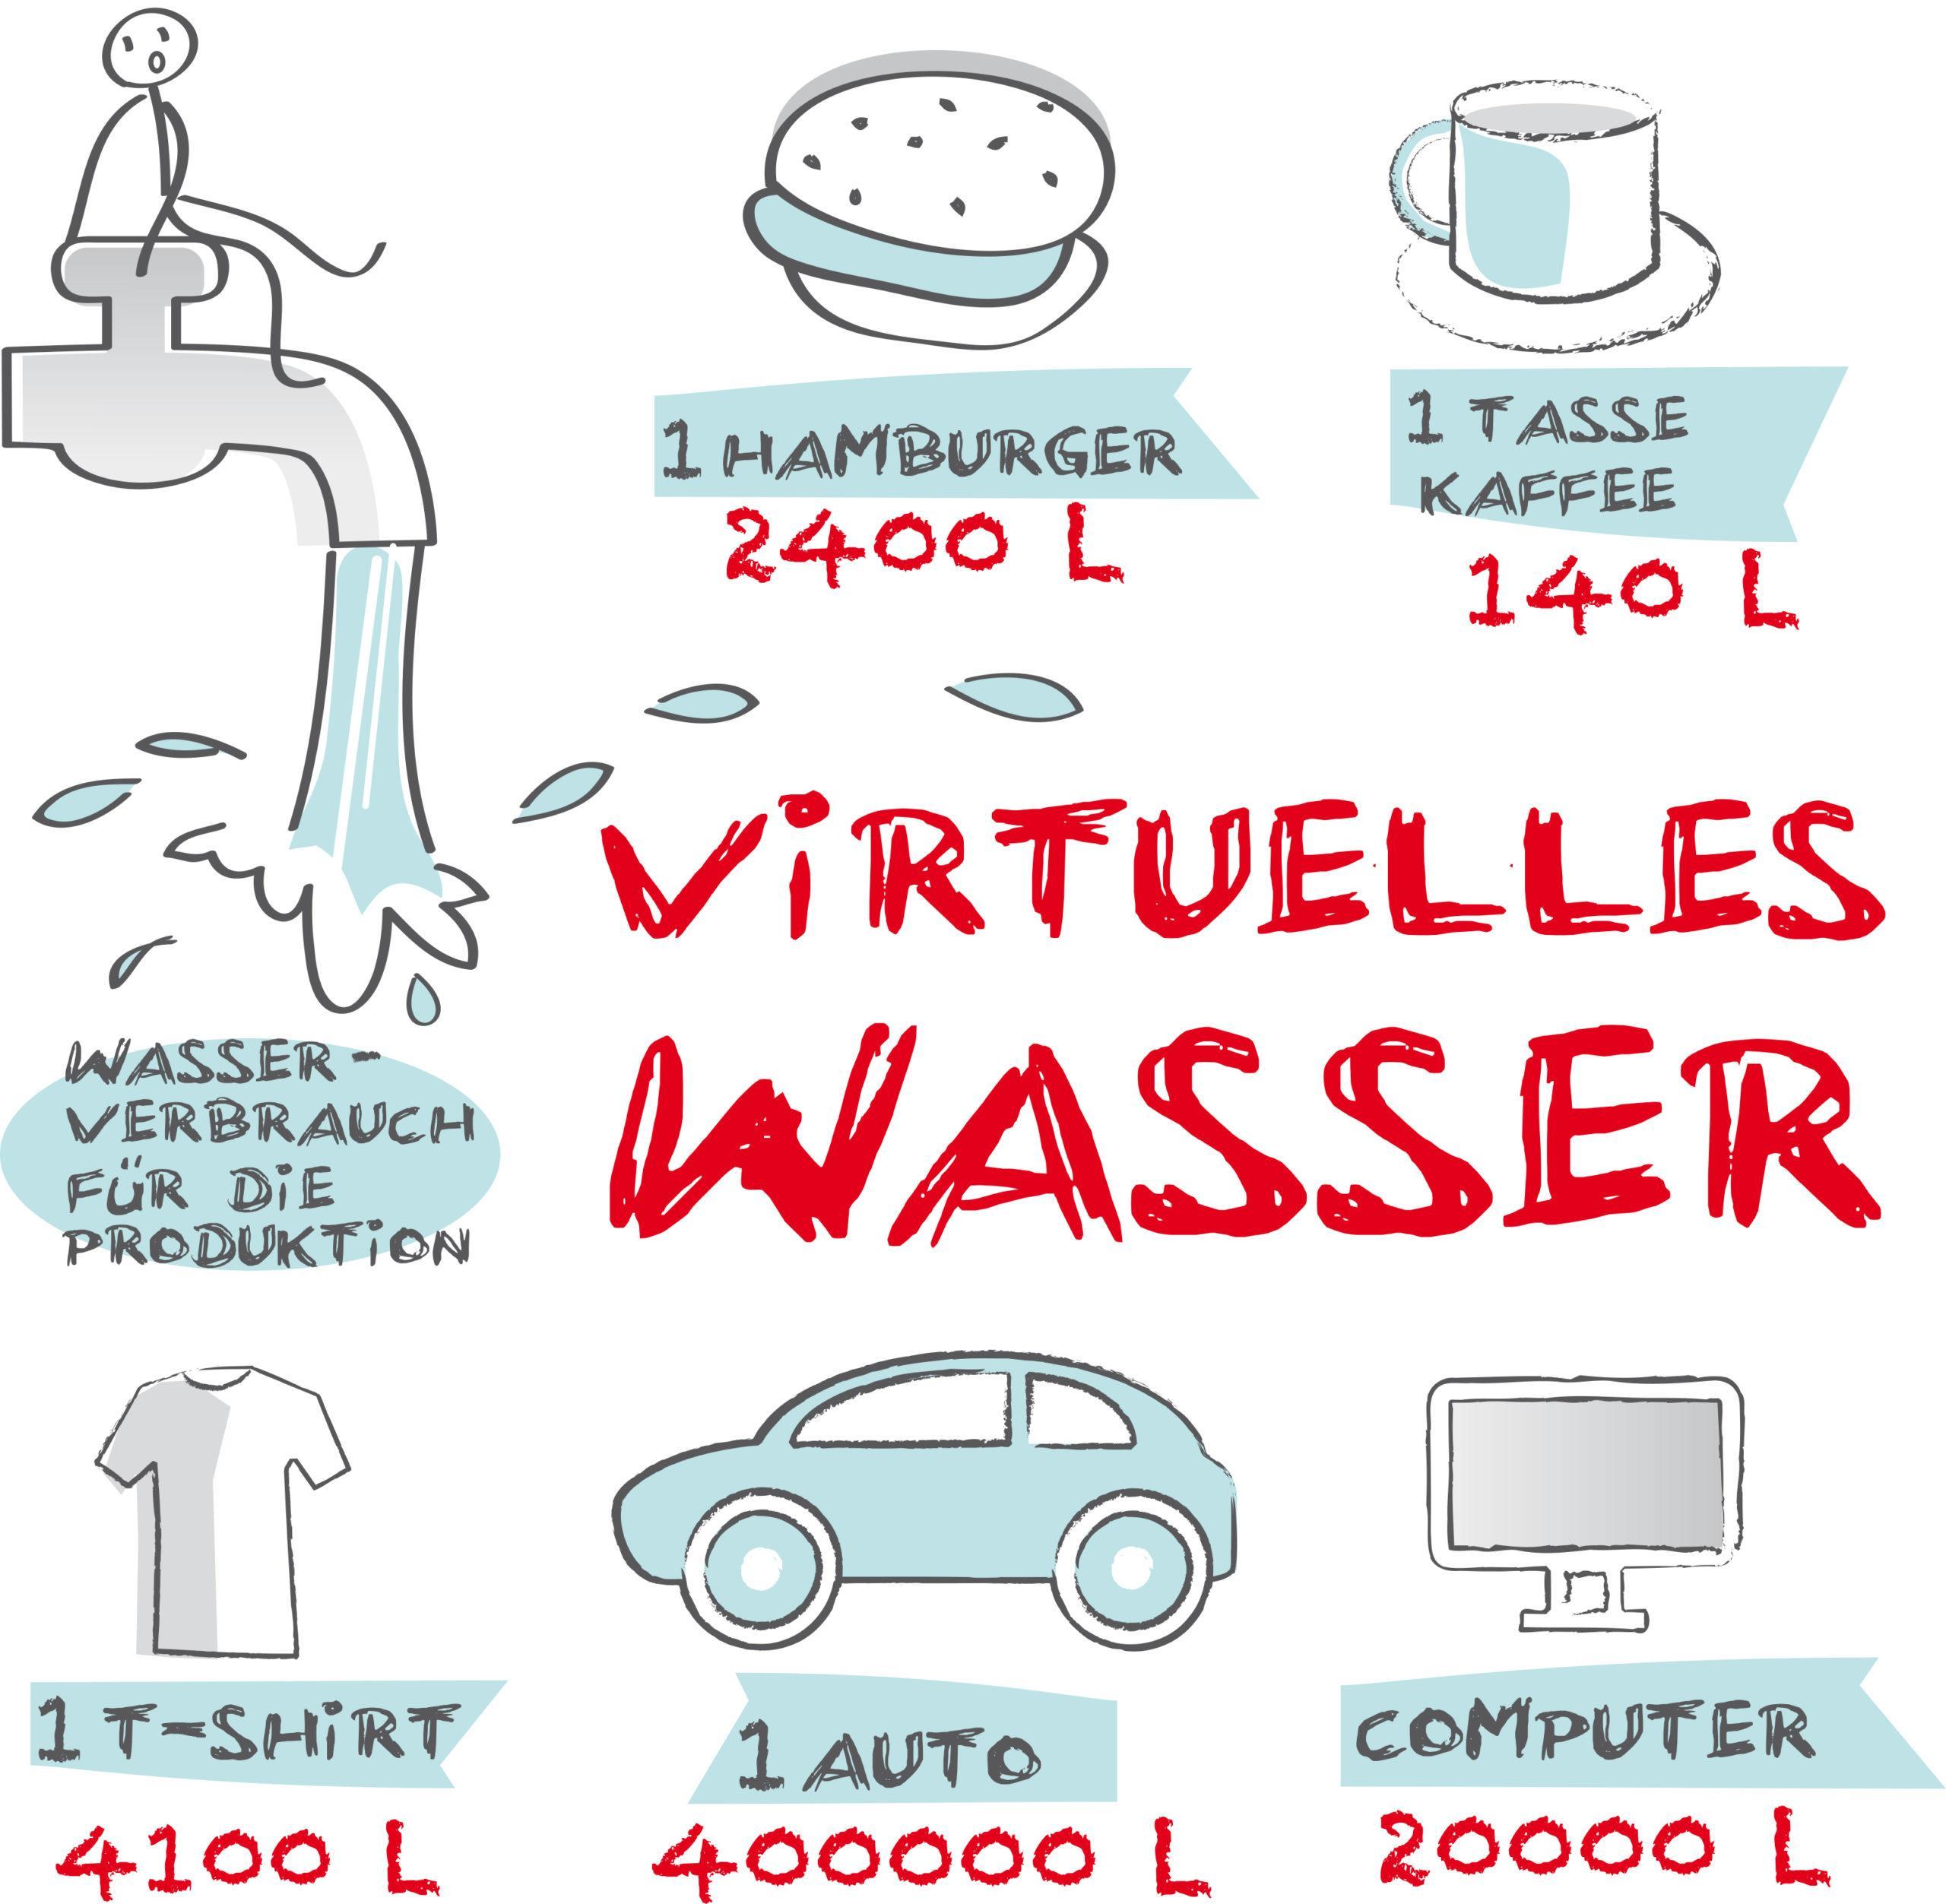 Virtuelles Wasser beschreibt die Menge Wasser, die in einem Produkt oder einer Dienstleistung enthalten ist